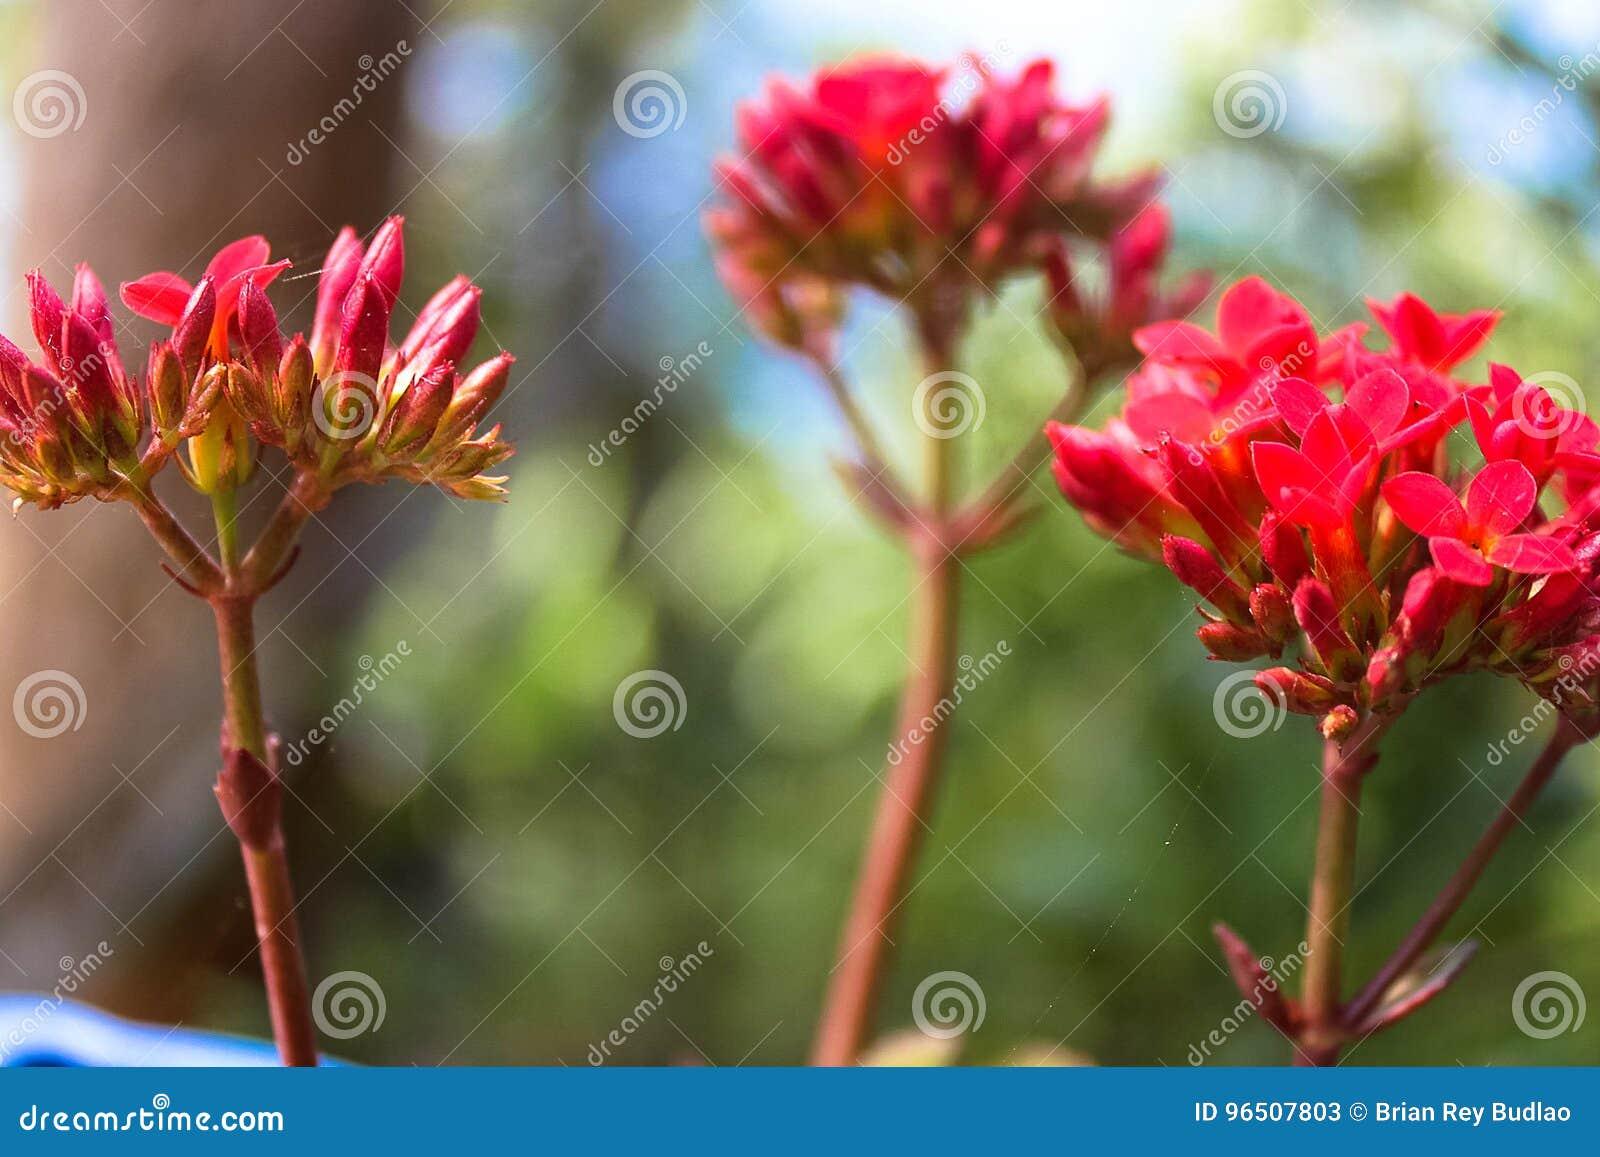 Fragrância de uma flor